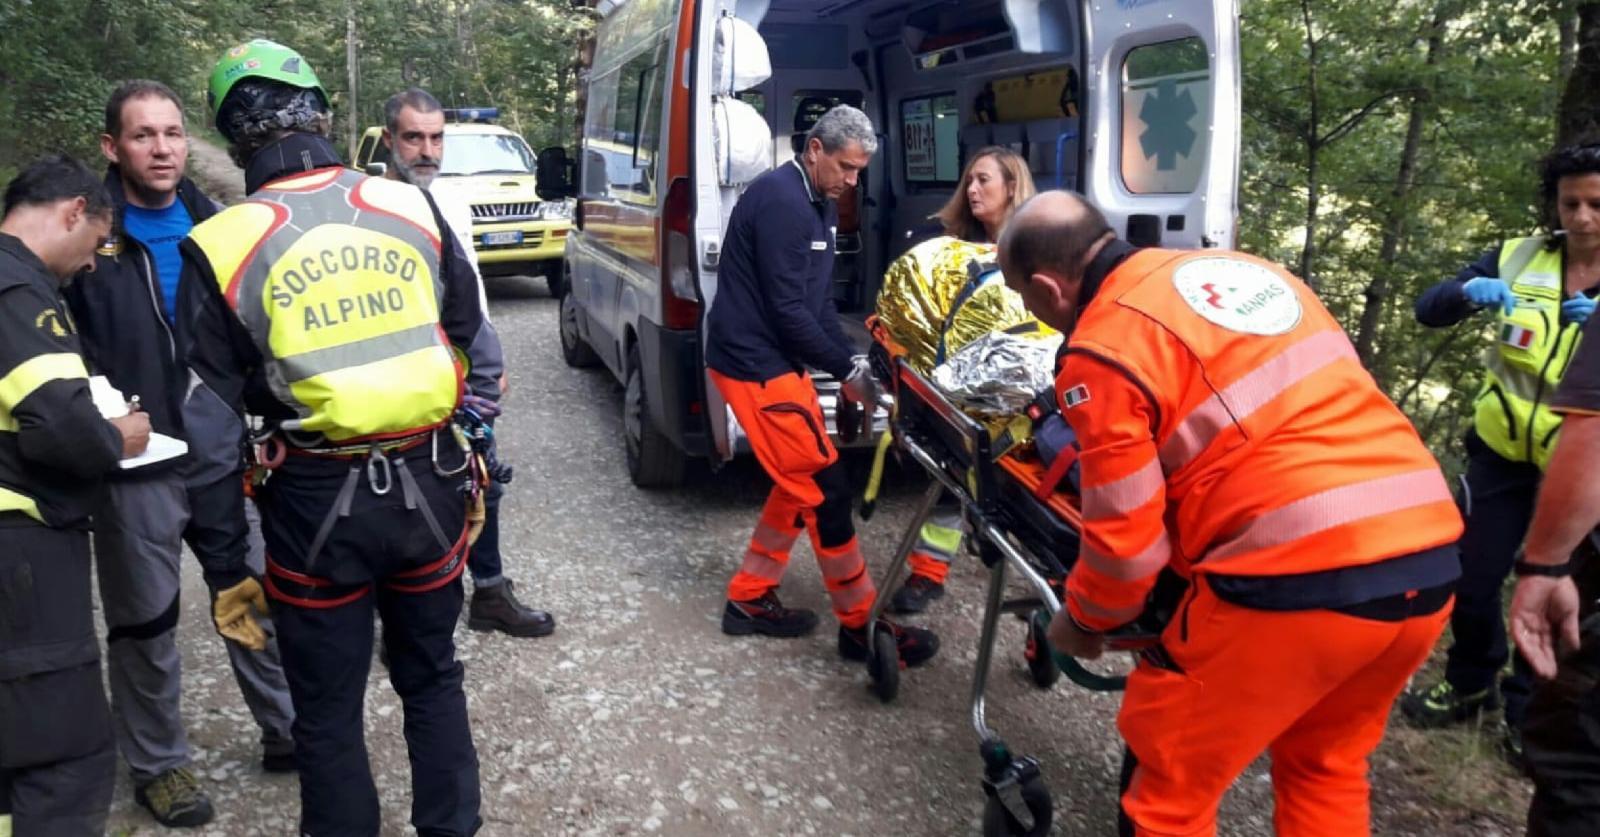 Intervento congiunto Soccorso Alpino Toscano e Vigili del fuoco per il recupero di una cercatrice di funghi infortunata nei boschi di Pelago (Fi)